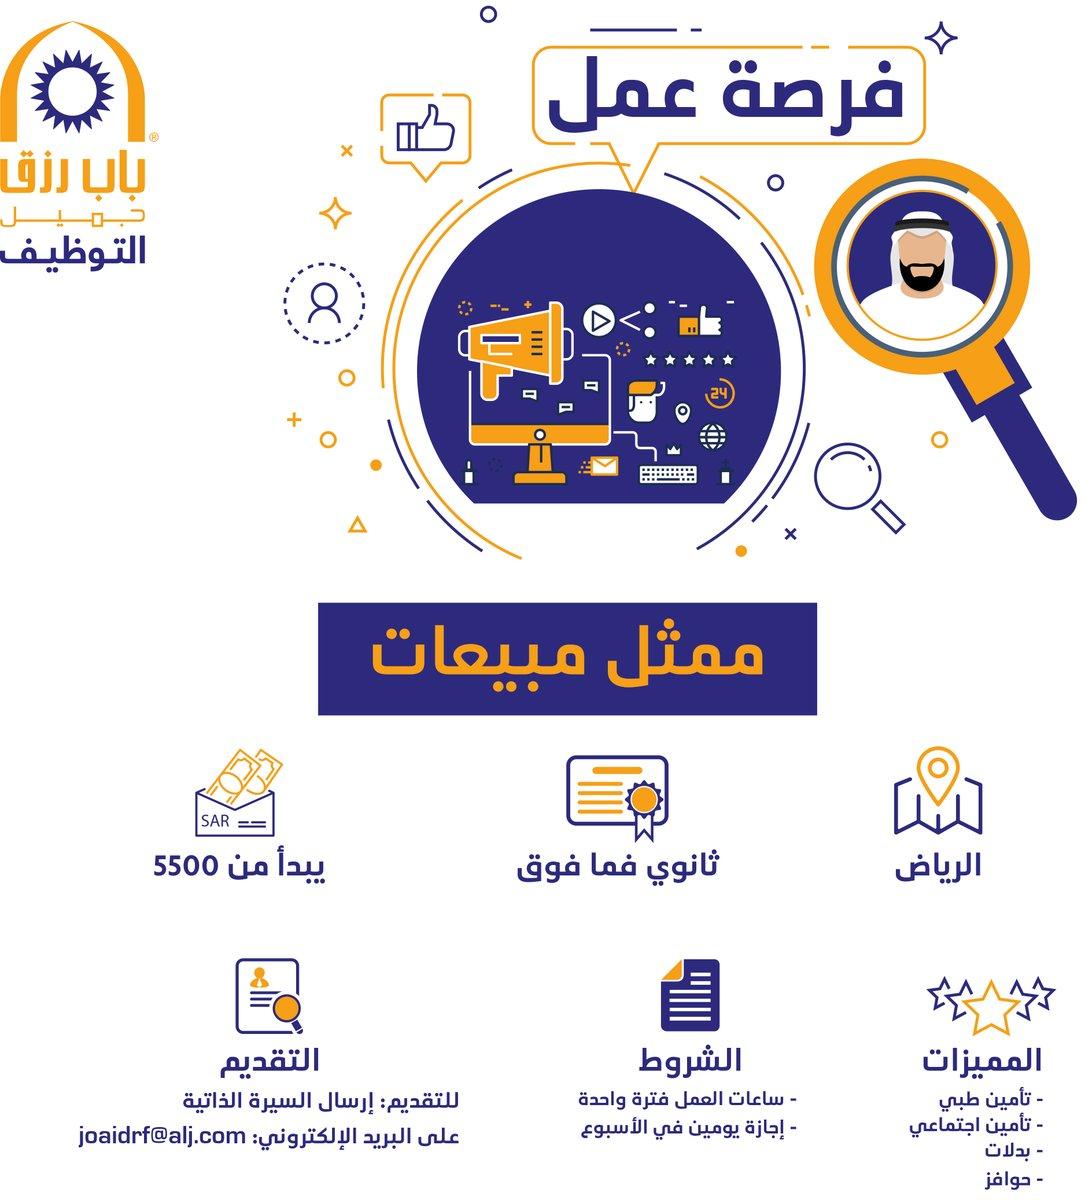 وظائف ممثلي مبيعات في الرياض رواتب 5500 ريال